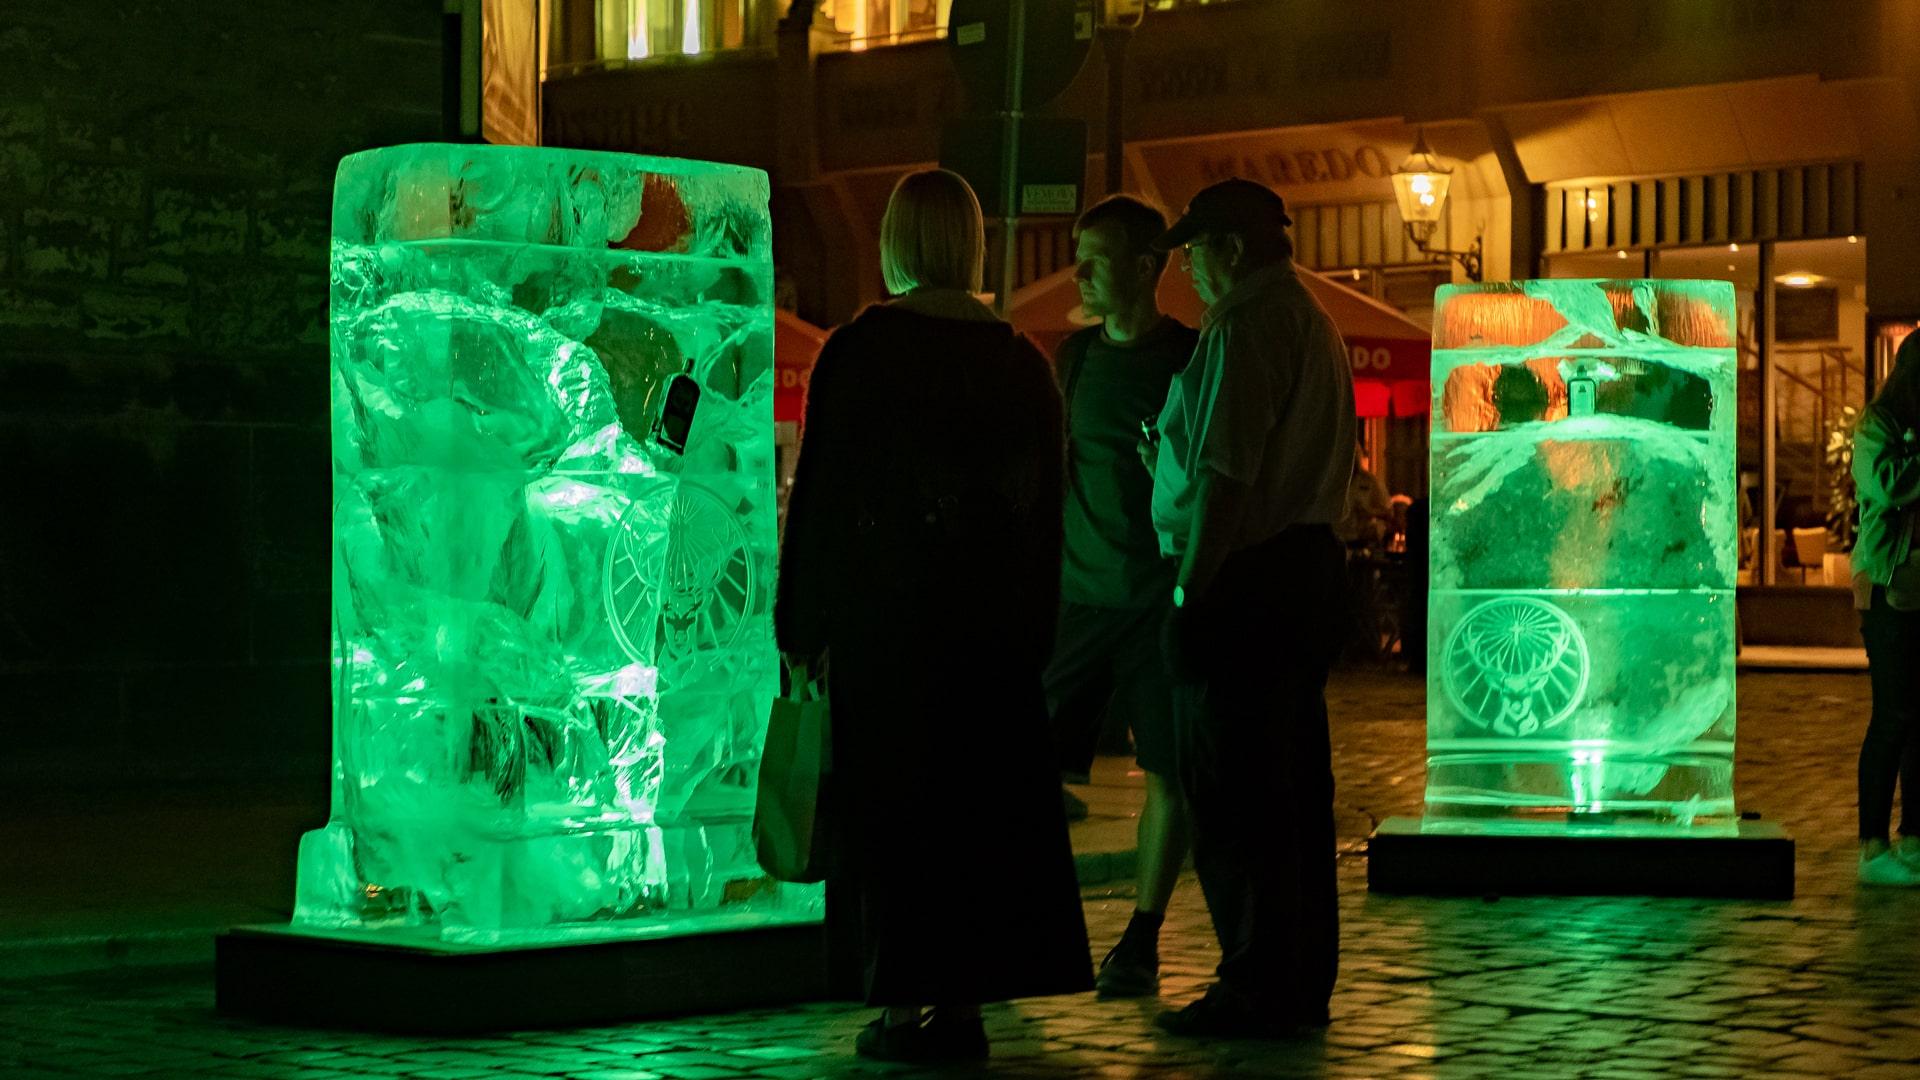 Zielgruppe schaut auf neongrün illuminierte Eisblock-Plakate von Jägermeister